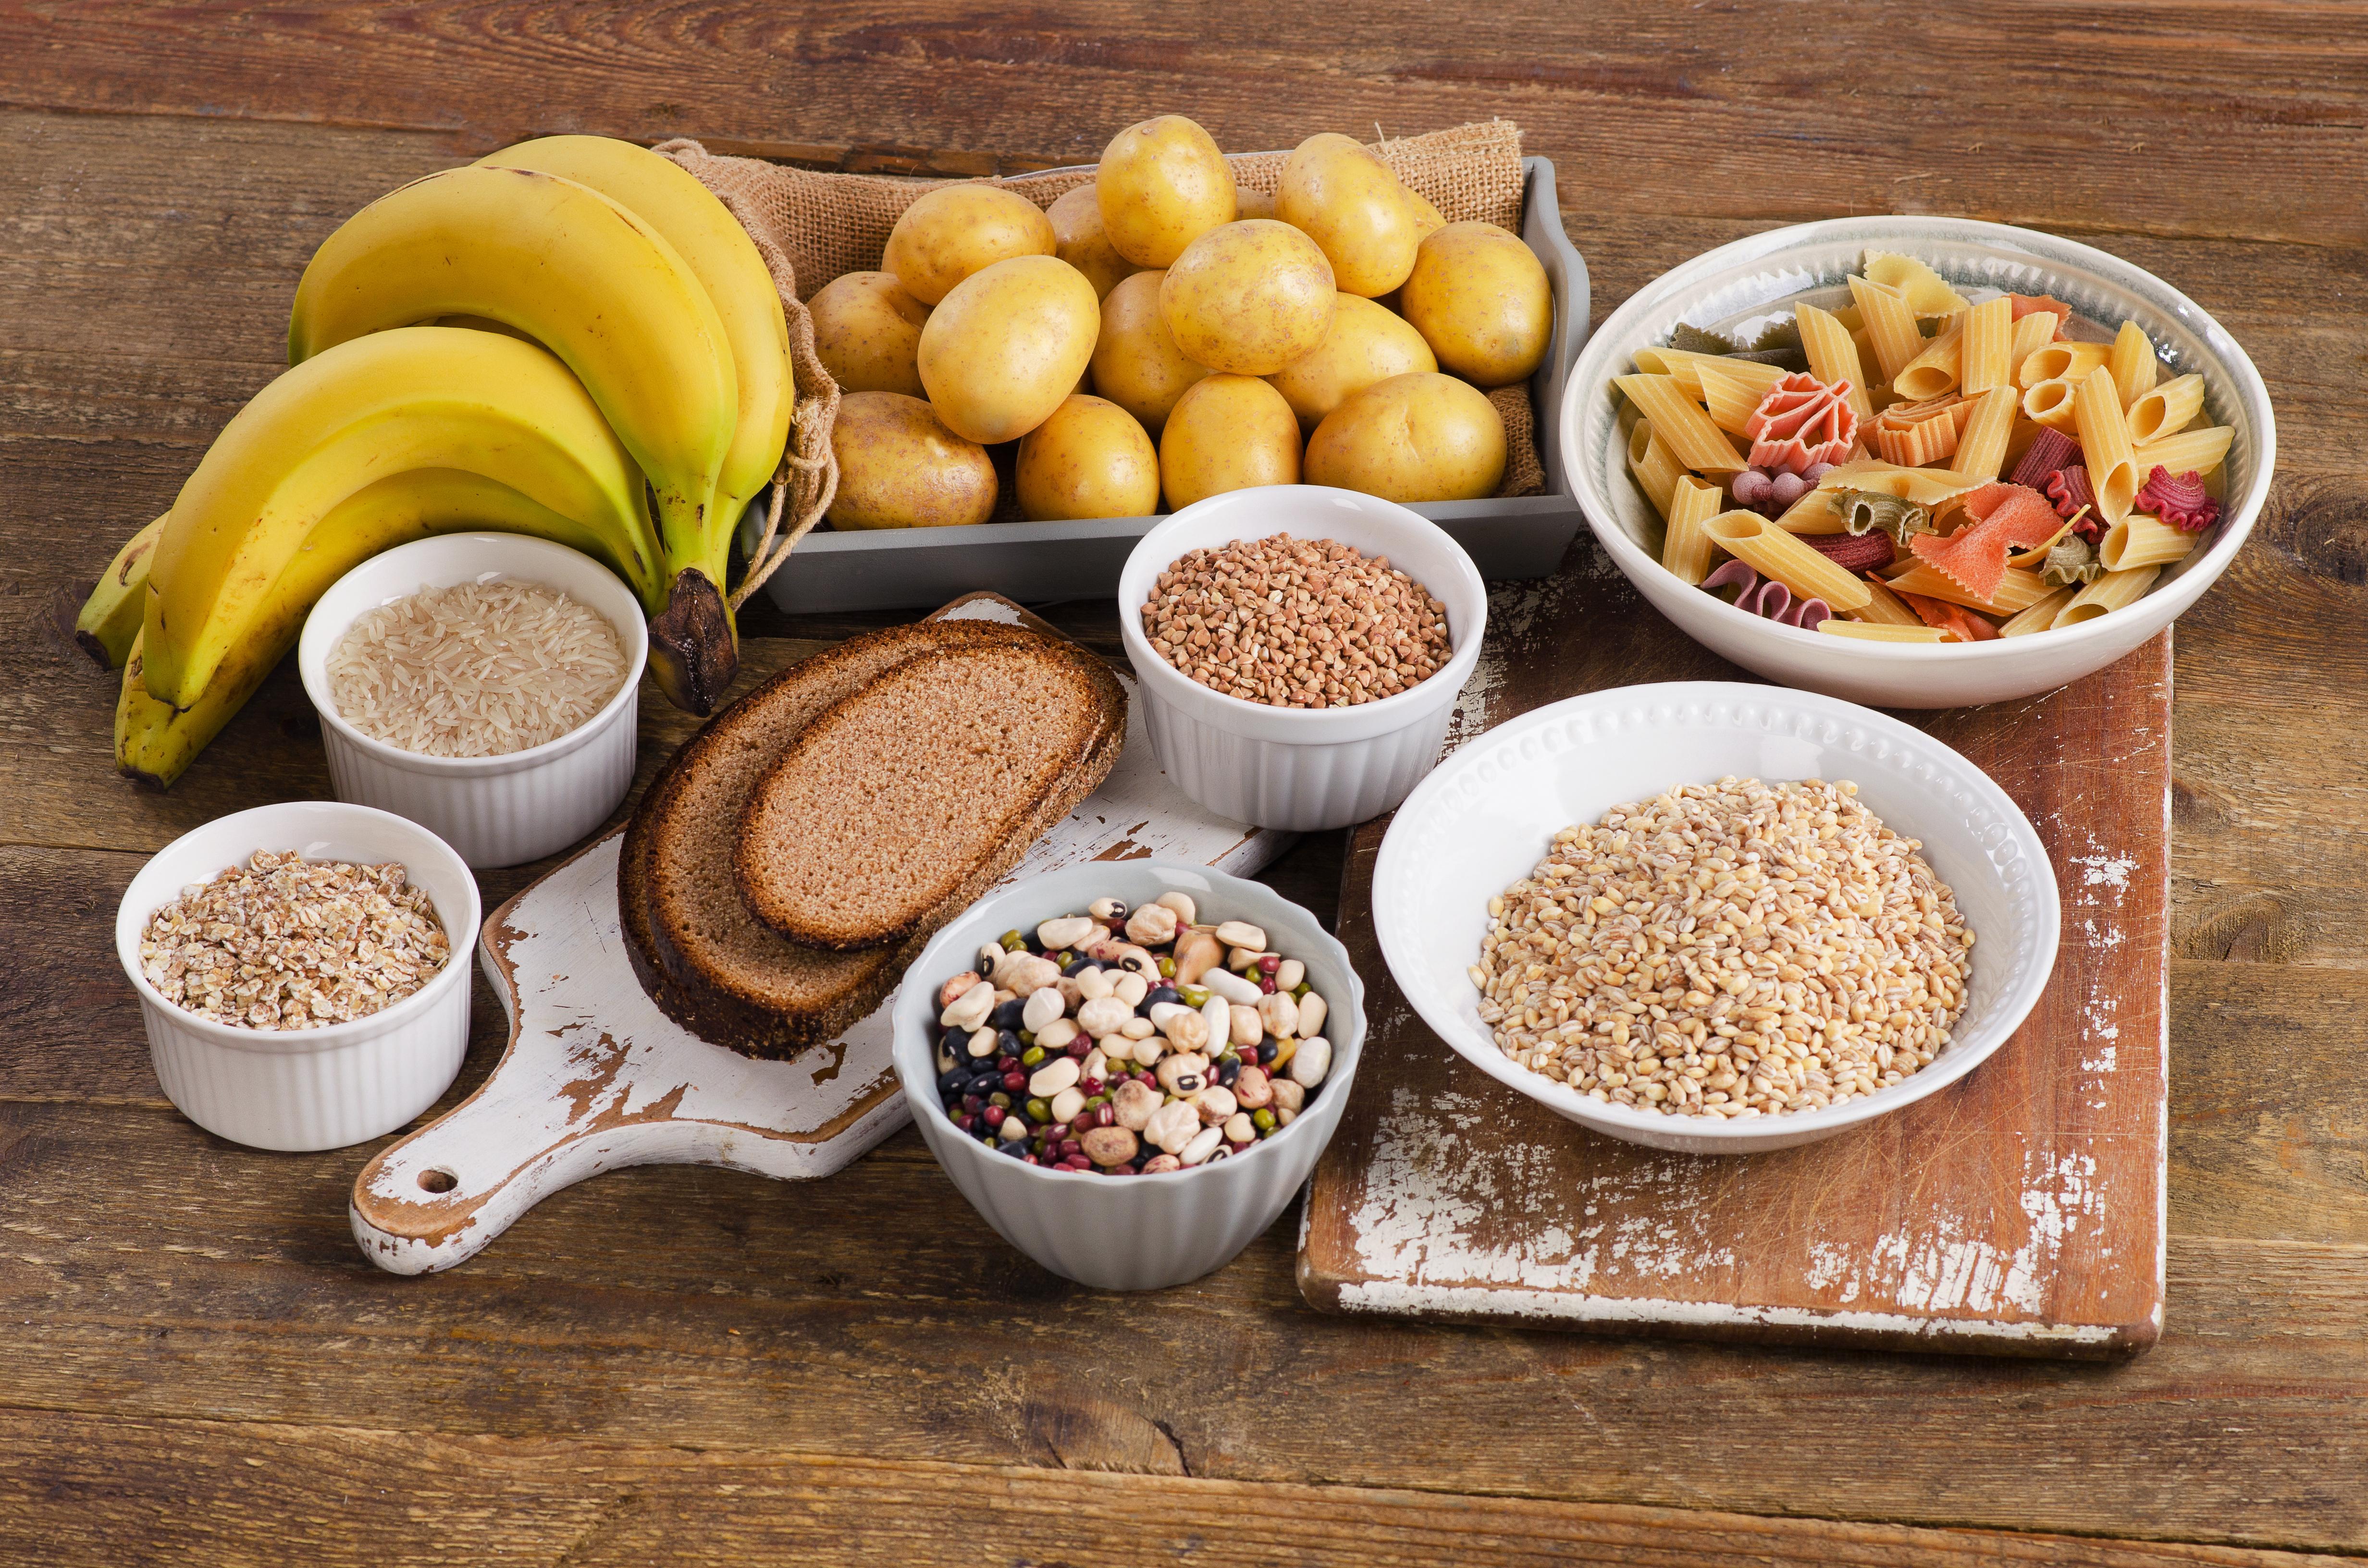 Uppladdningsmålet bör innehålla ett gram kolhydrater per kilo kroppsvikt, av till exempel ris, potatis eller havregryn.